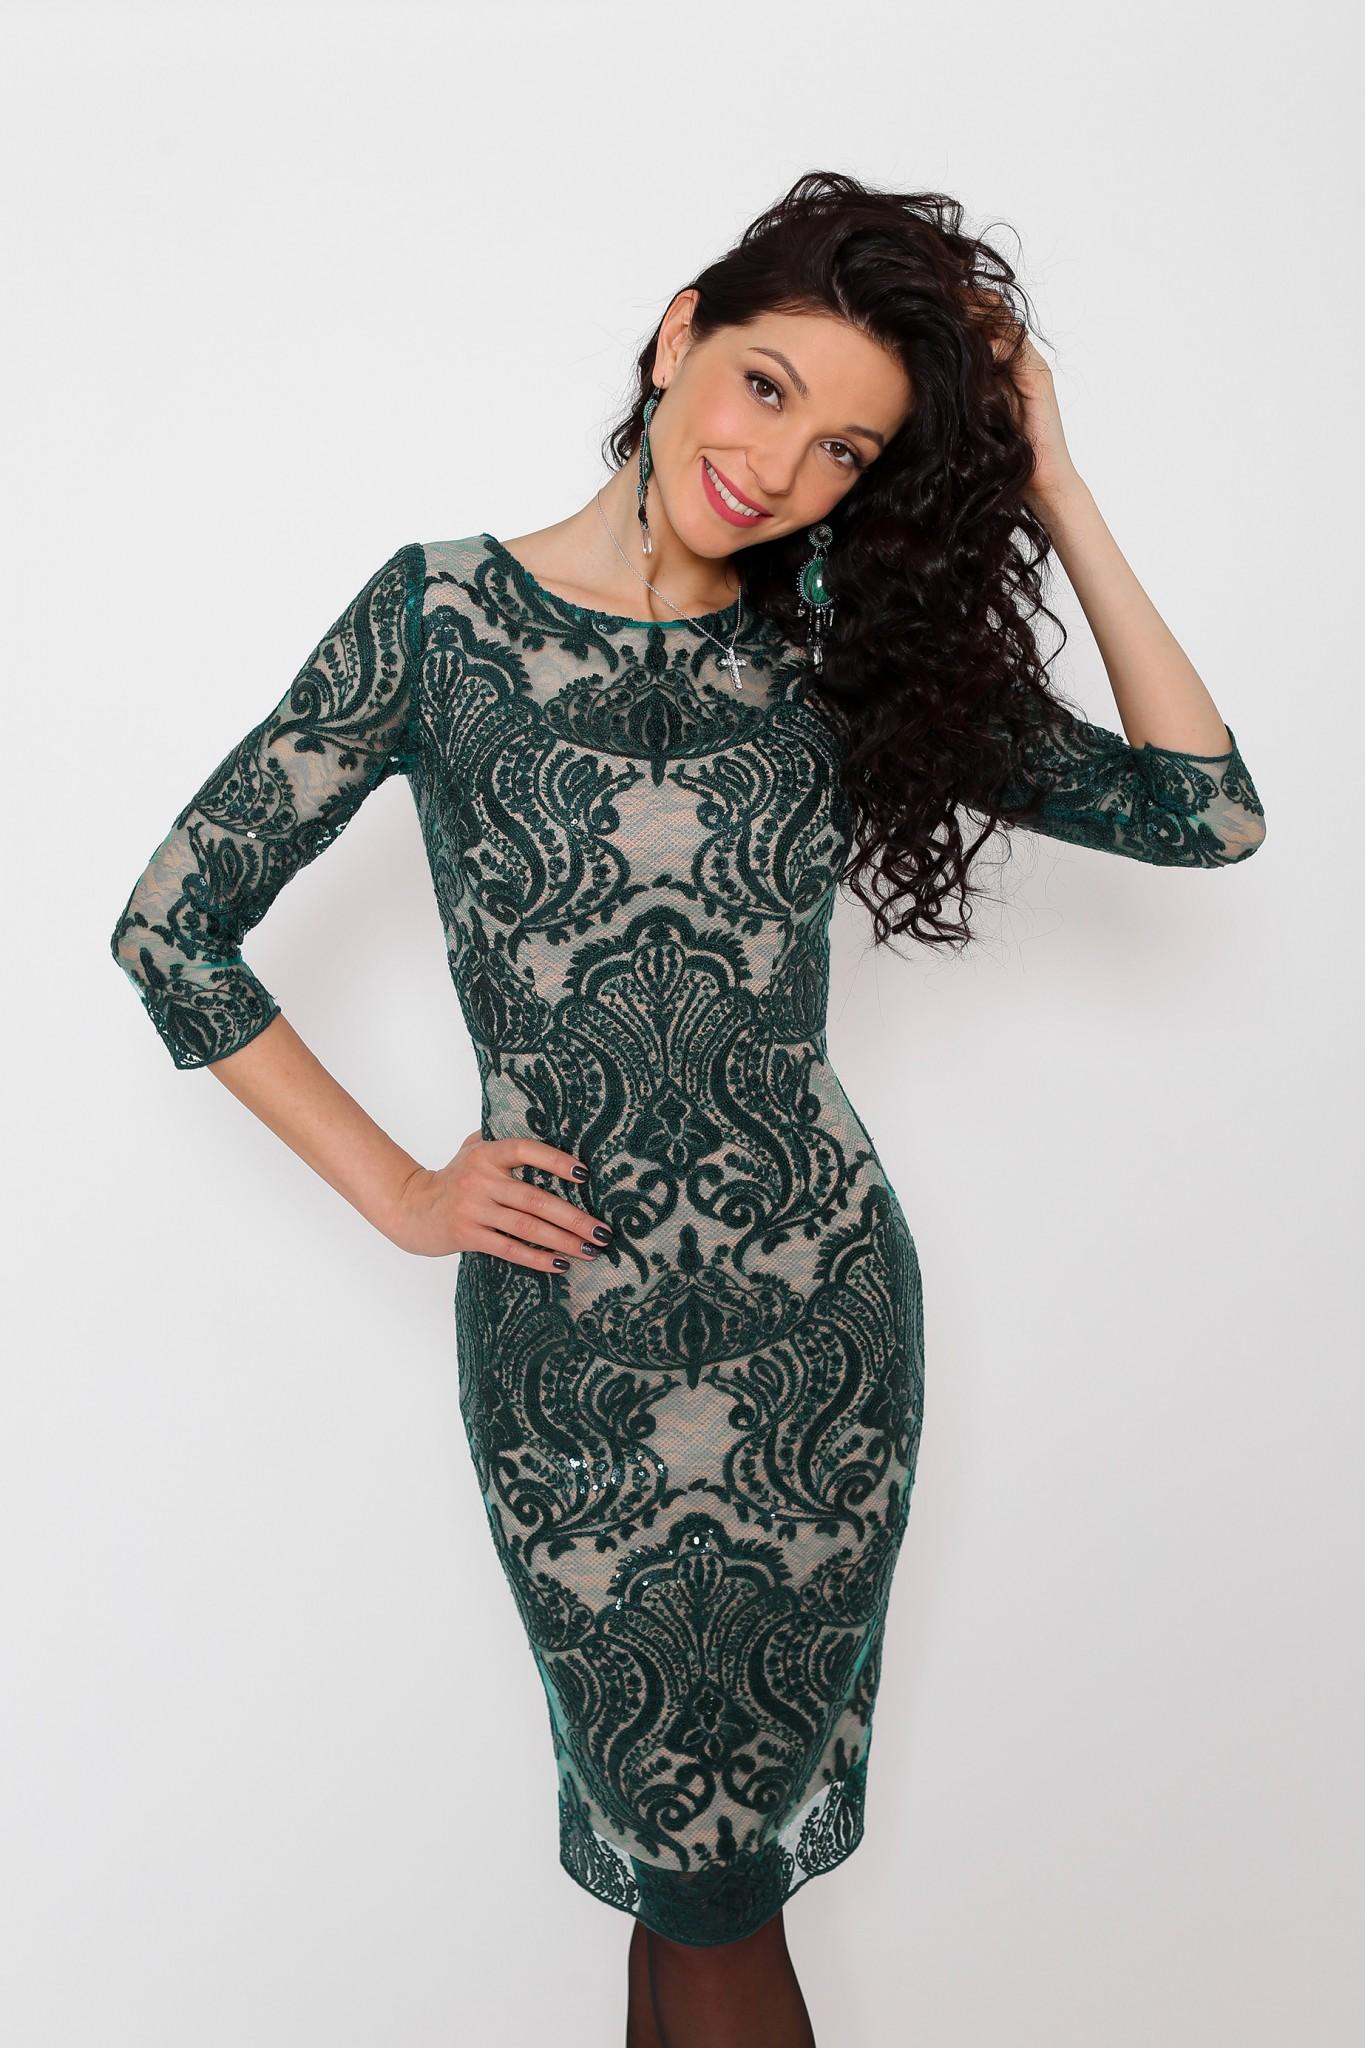 dad78935aeb Офисные платья — купить красивое стильное элегантное офисное платье ...